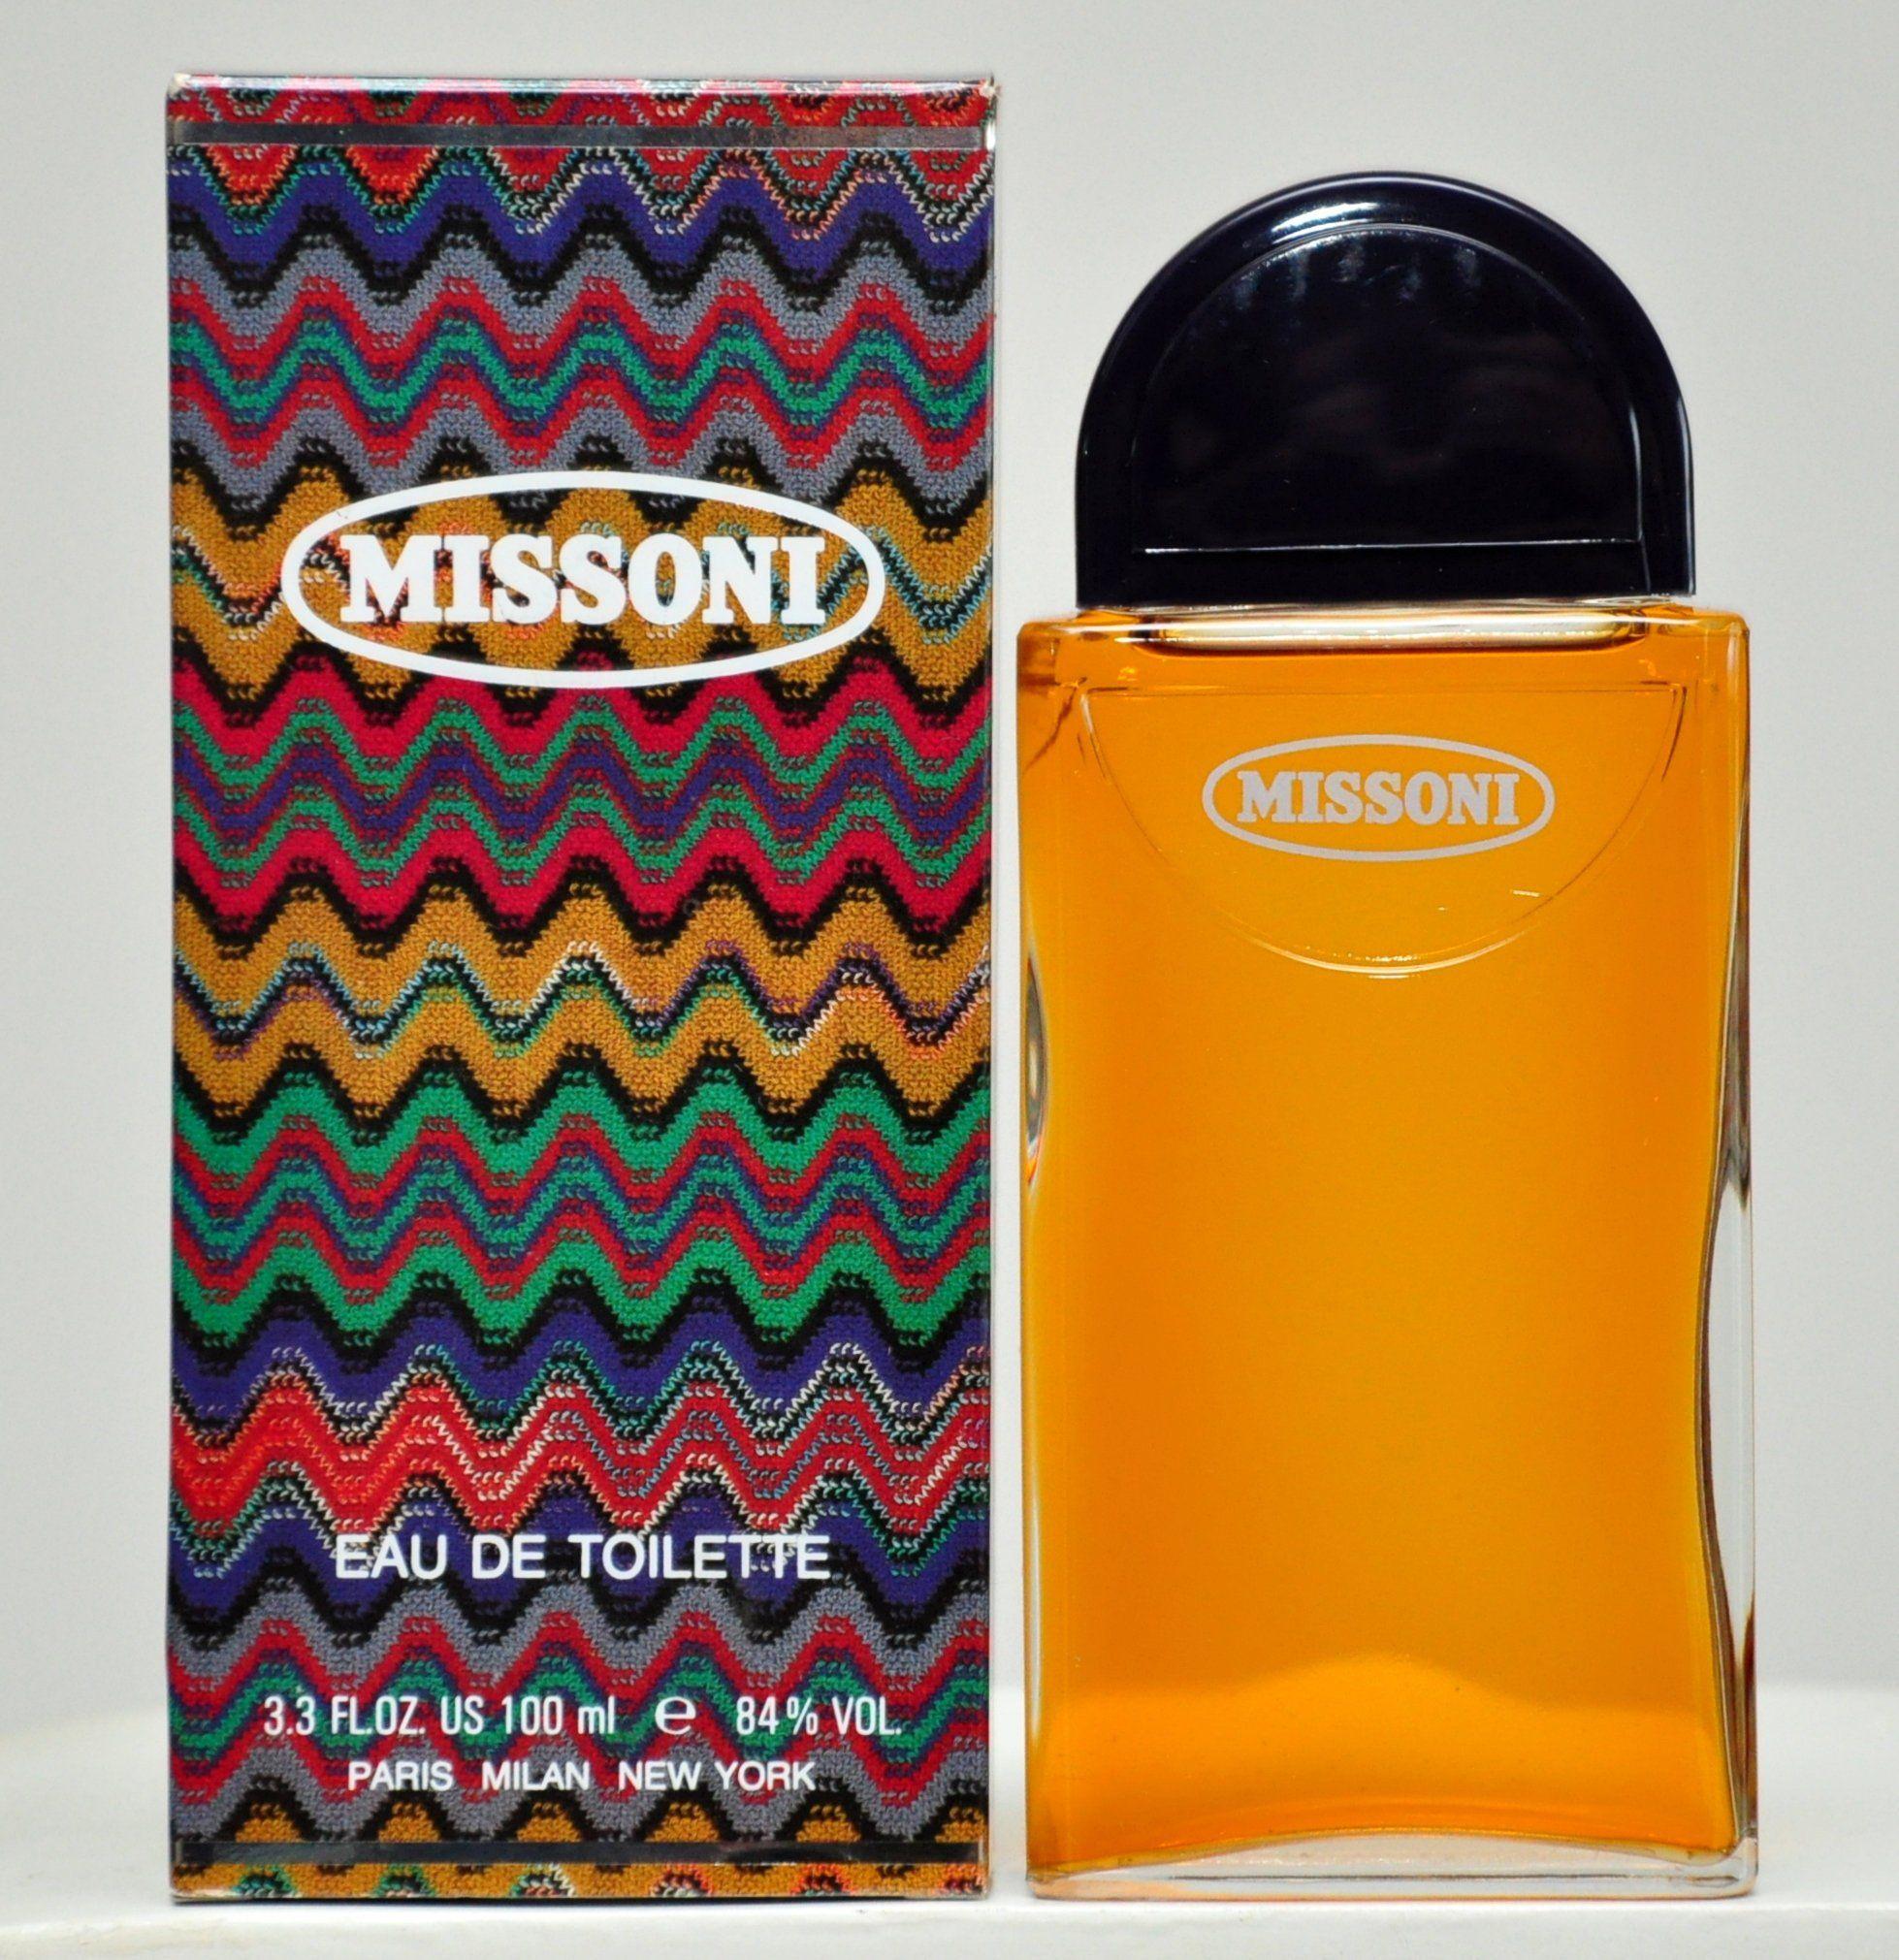 hot sale online c7145 3178e Missoni by Missoni Eau de Toilette Edt 100ML 3.4 Fl. Oz ...